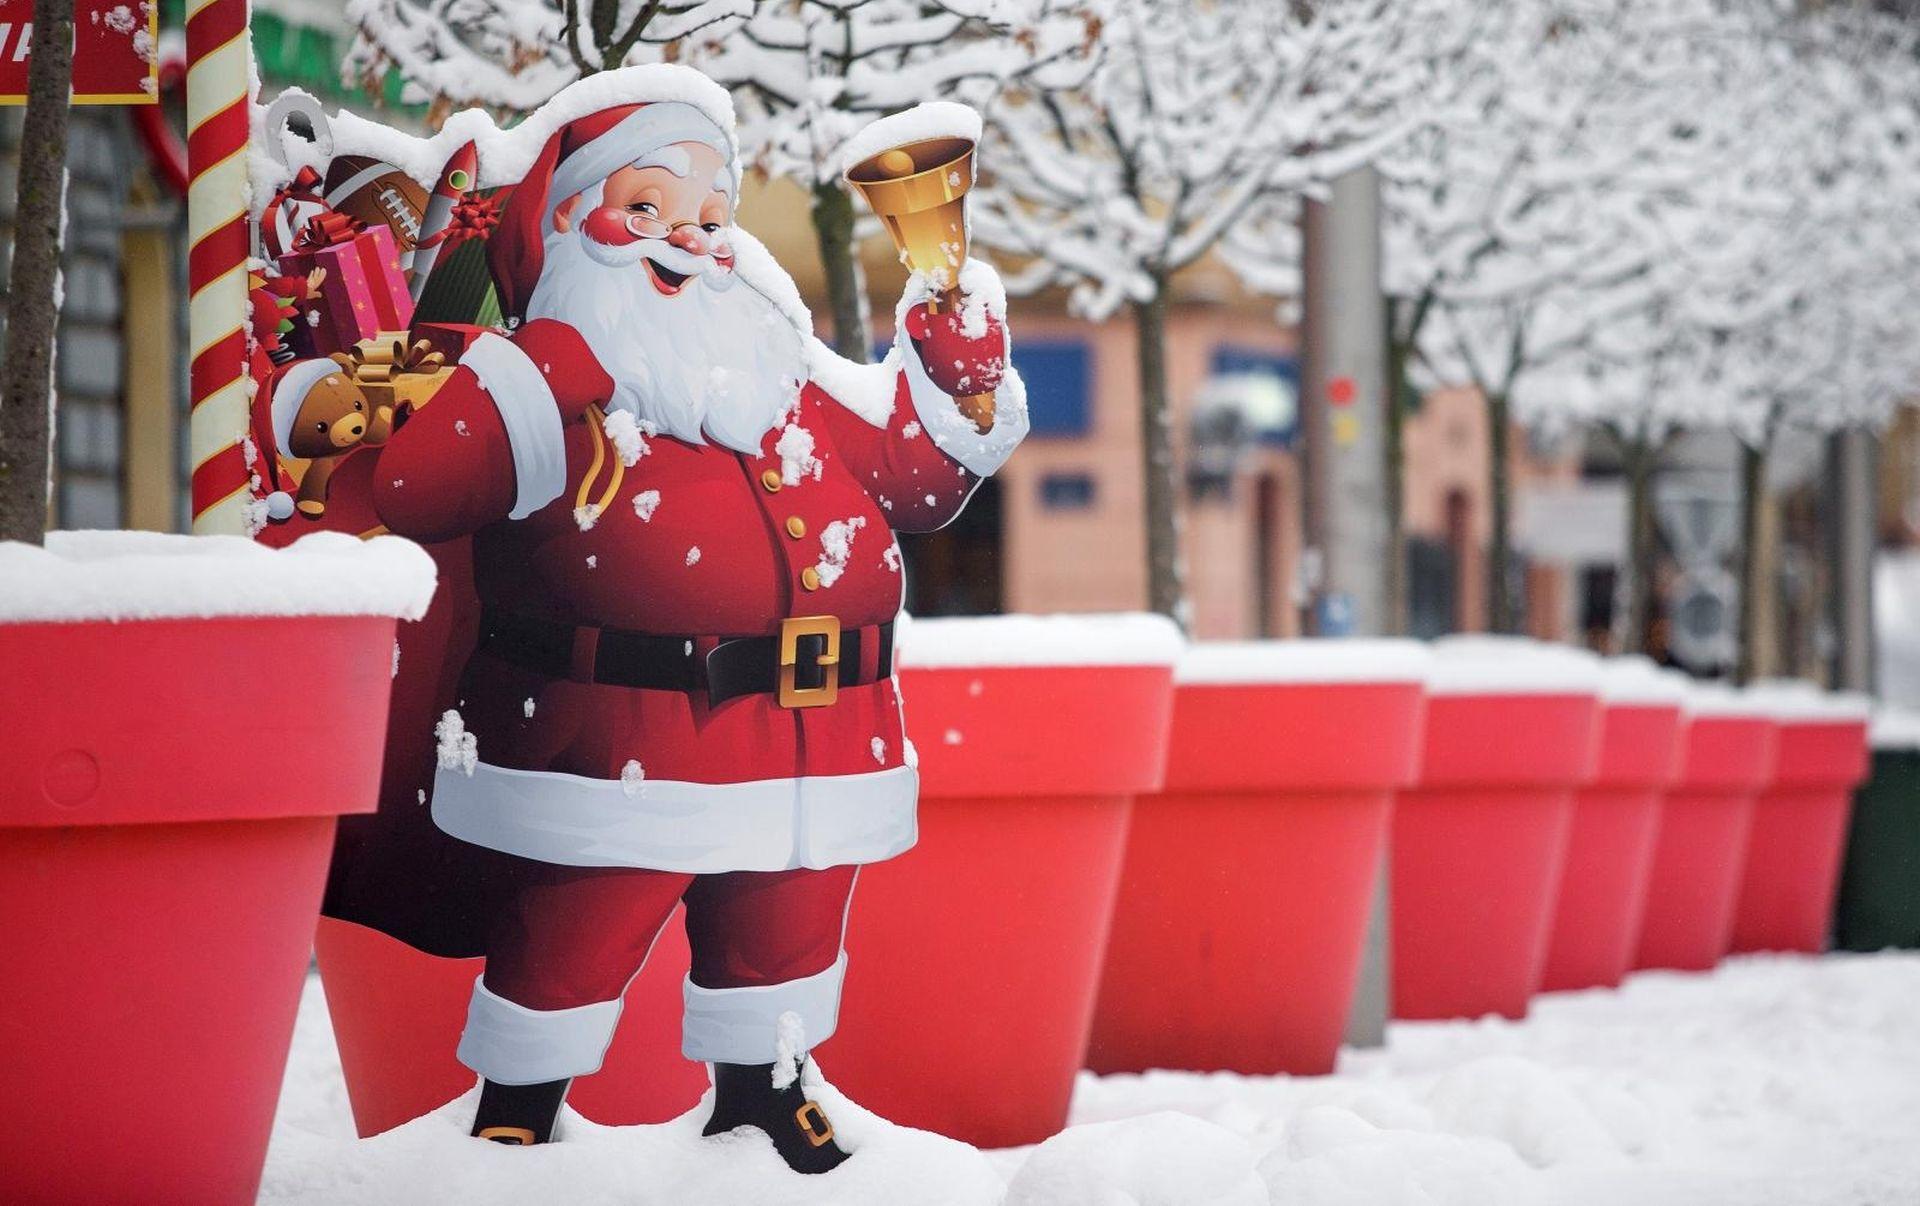 Vakula objavio novu prognozu za Božić, bit će snijega